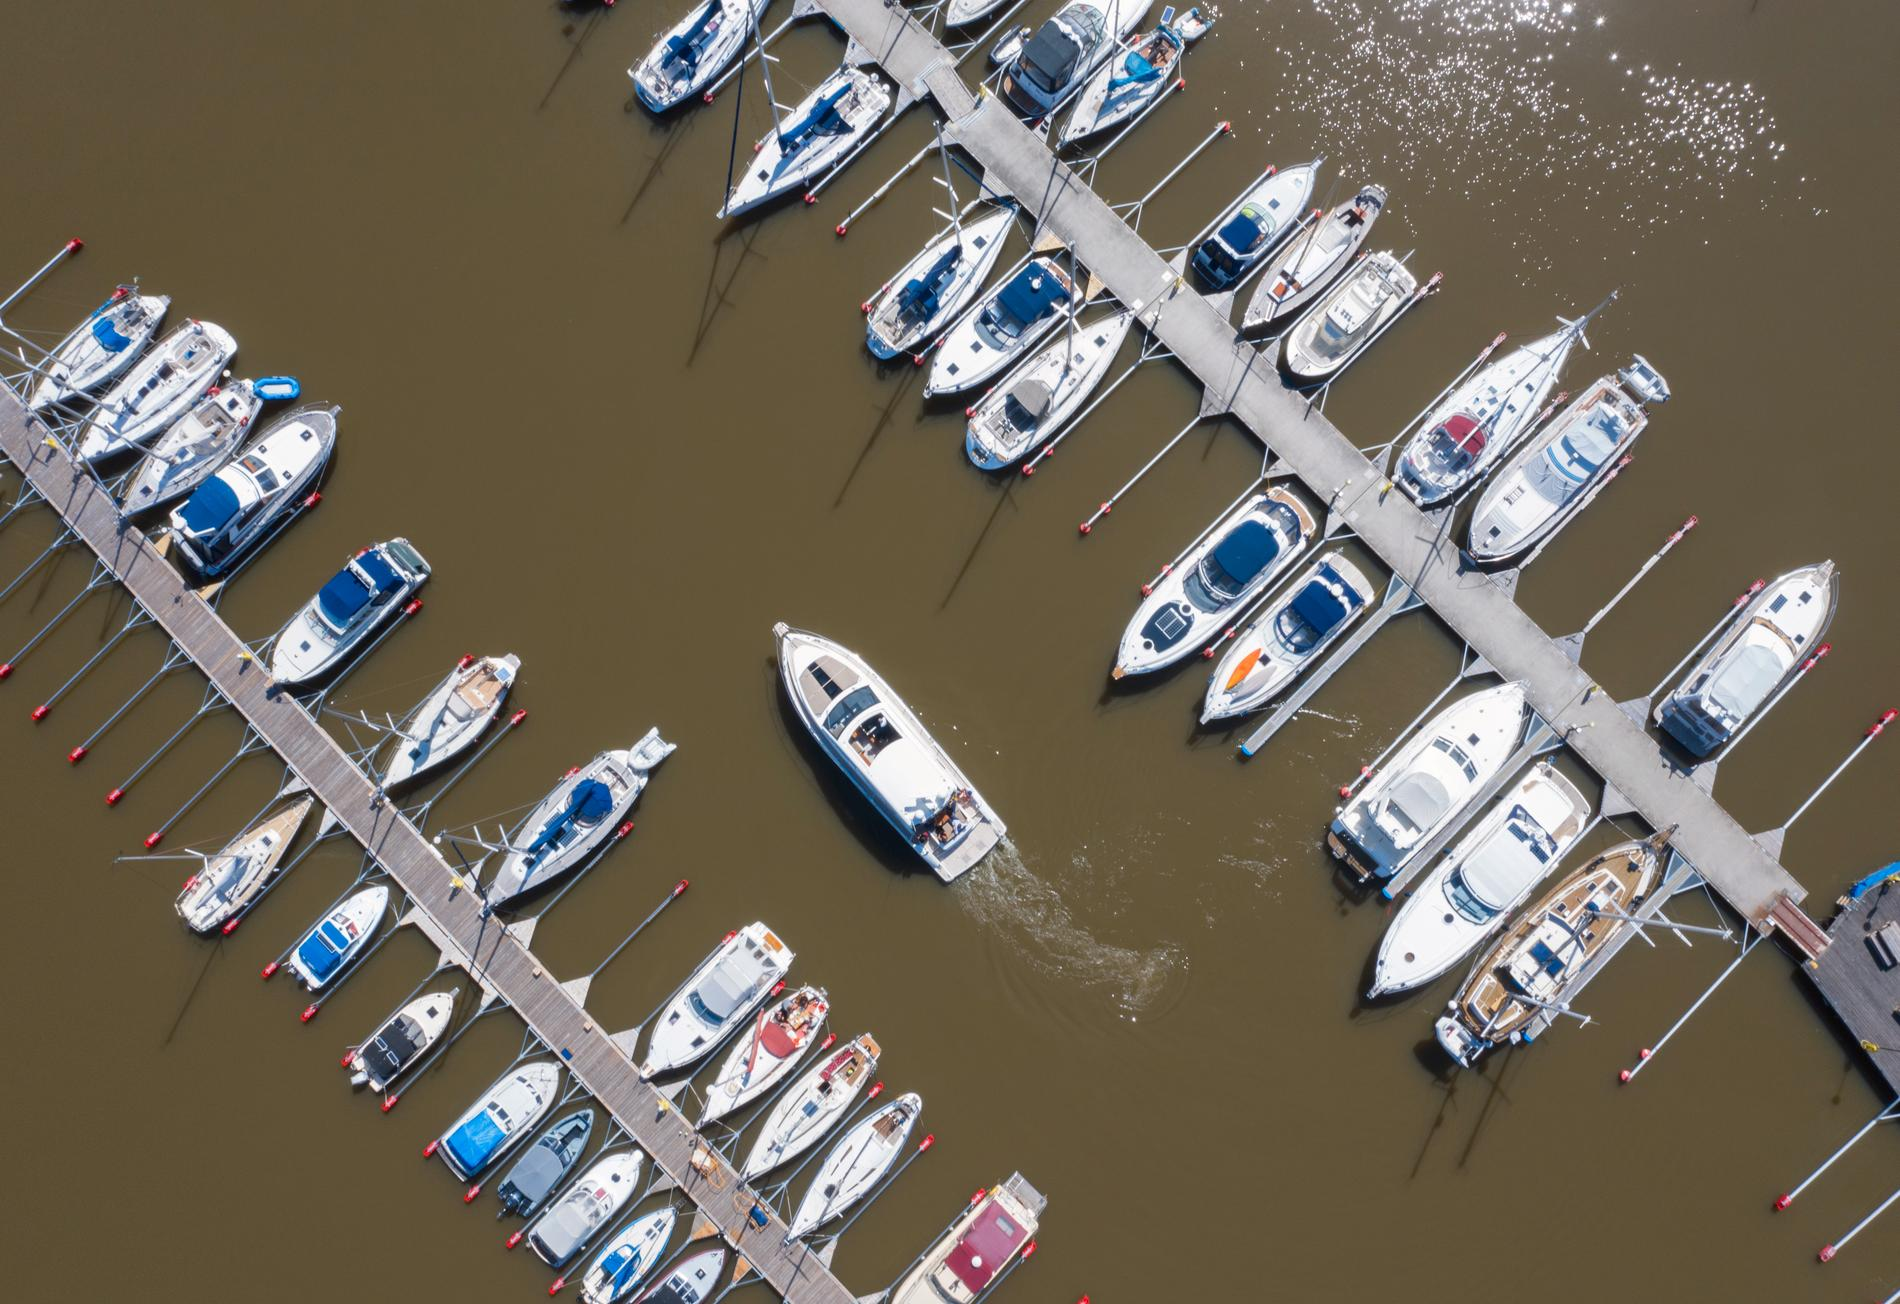 Motor- och segelbåtar i en båtklubb i Mälaren. Båtarna på bilden har inget med artikeln att göra.